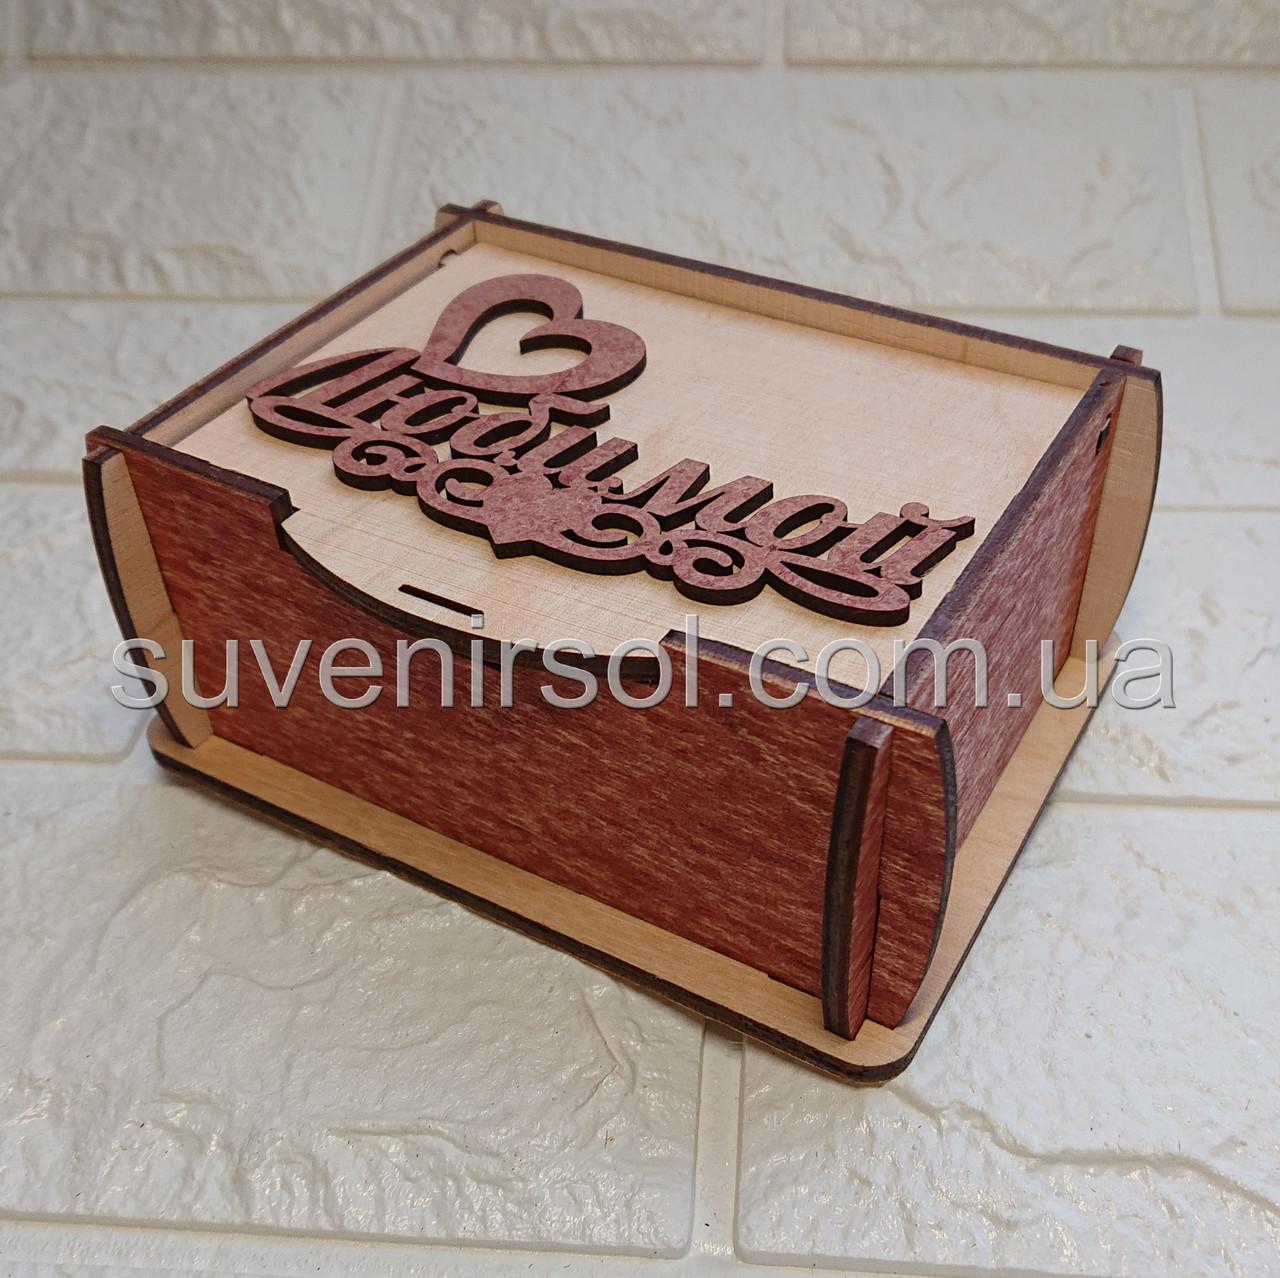 Шкатулка прямоугольная с надписью Любимой